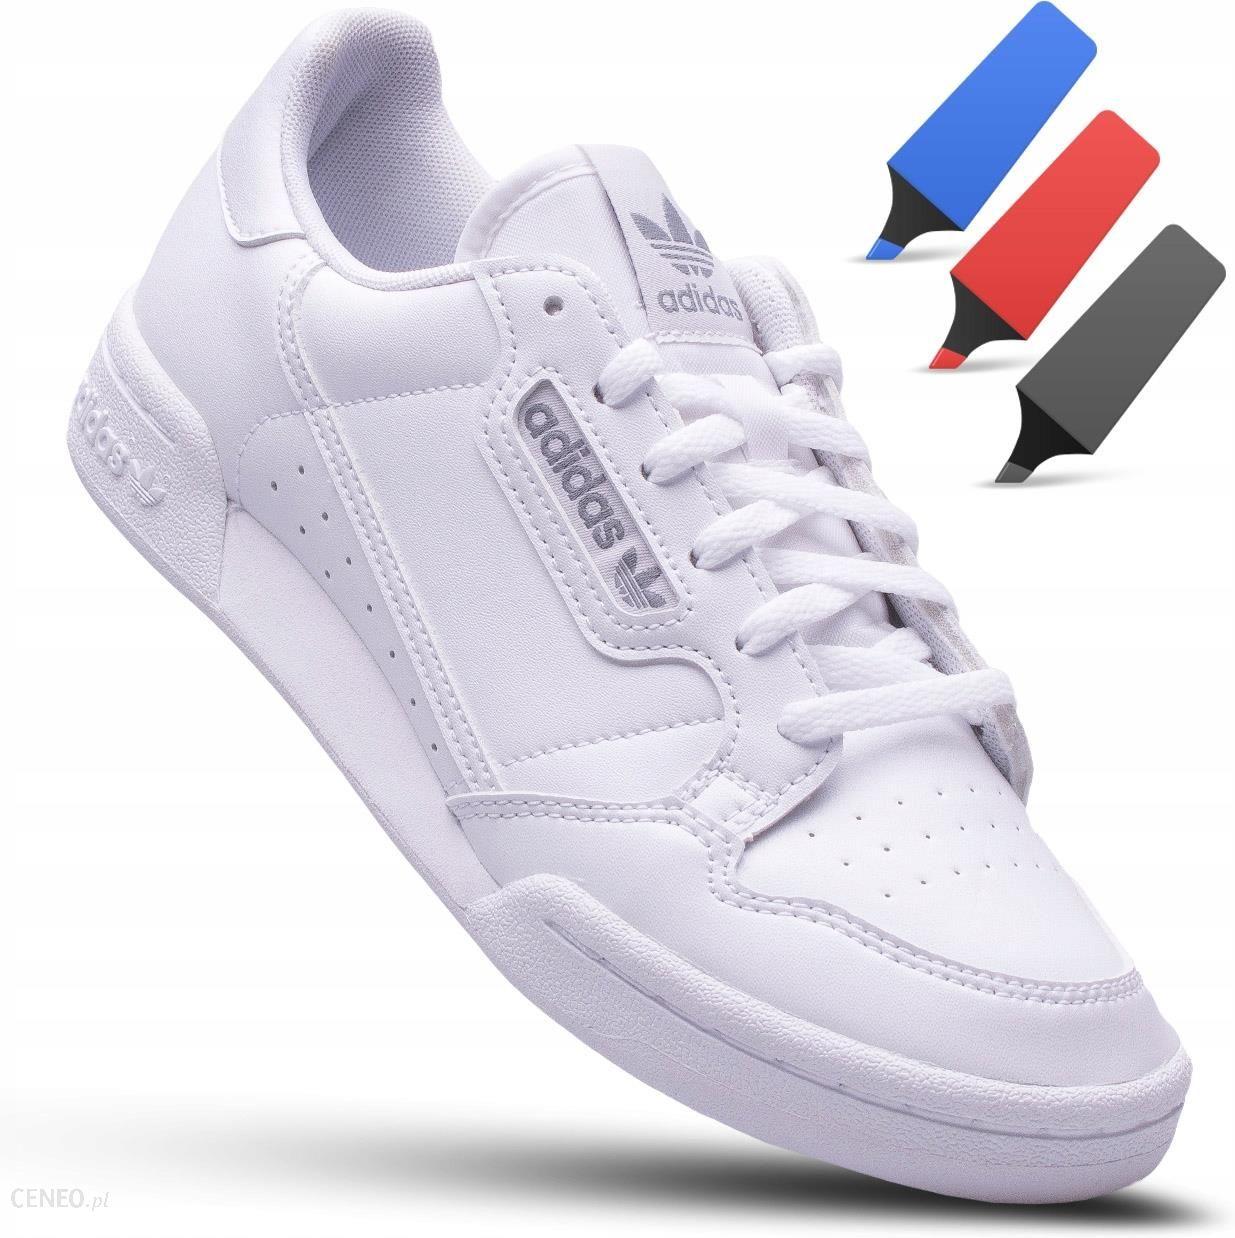 buty adidas damskie biale dzieciece